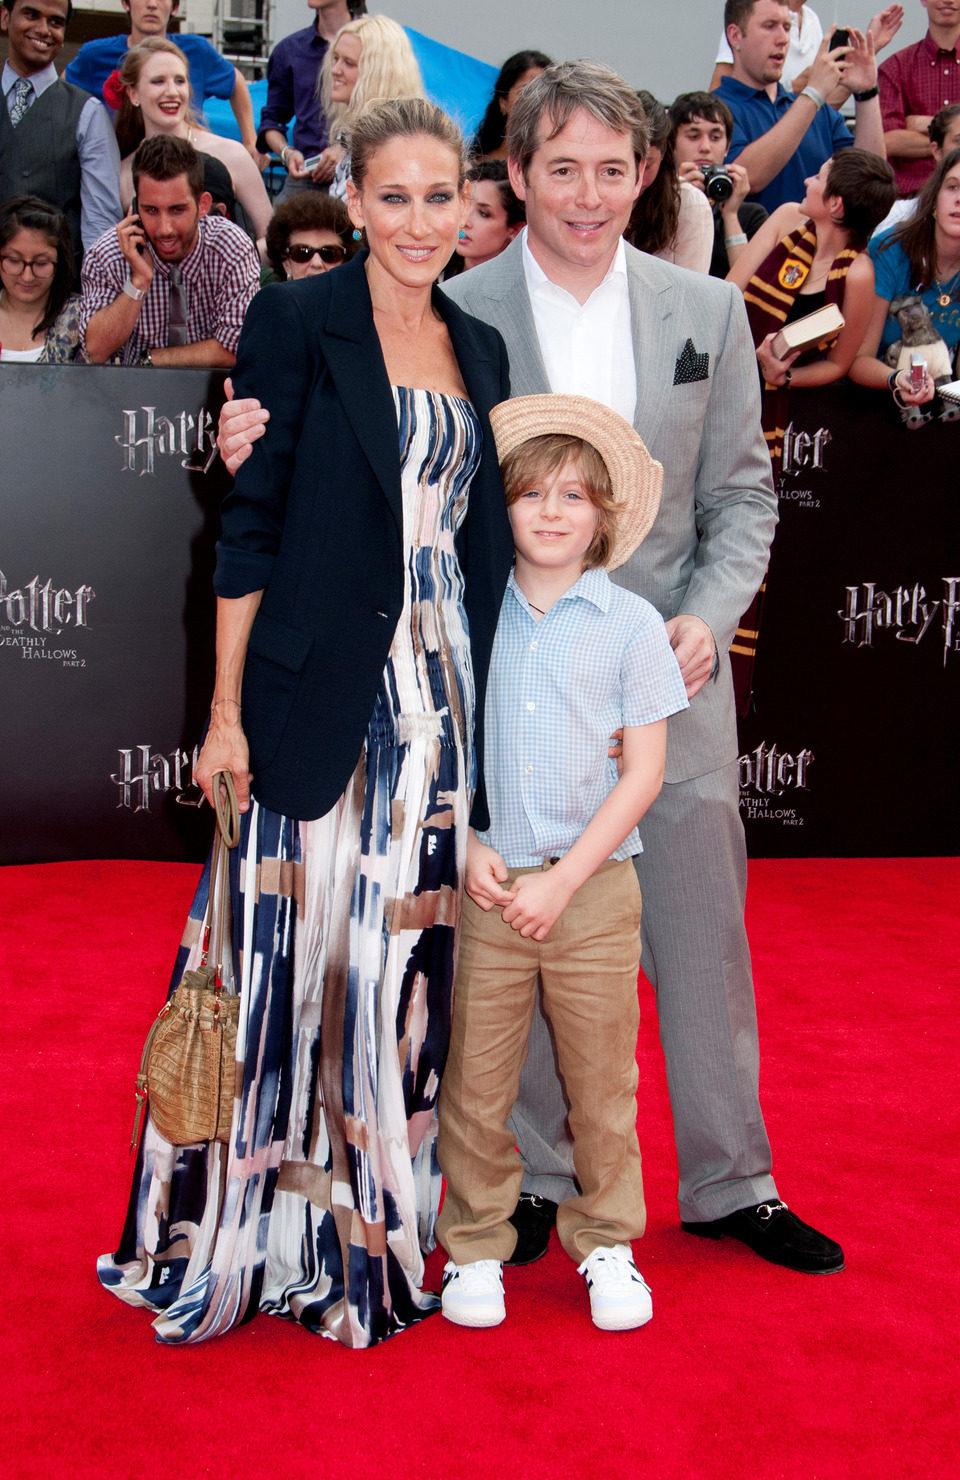 Harry Potter y las reliquias de la muerte: parte 2, fotograma 98 de 108